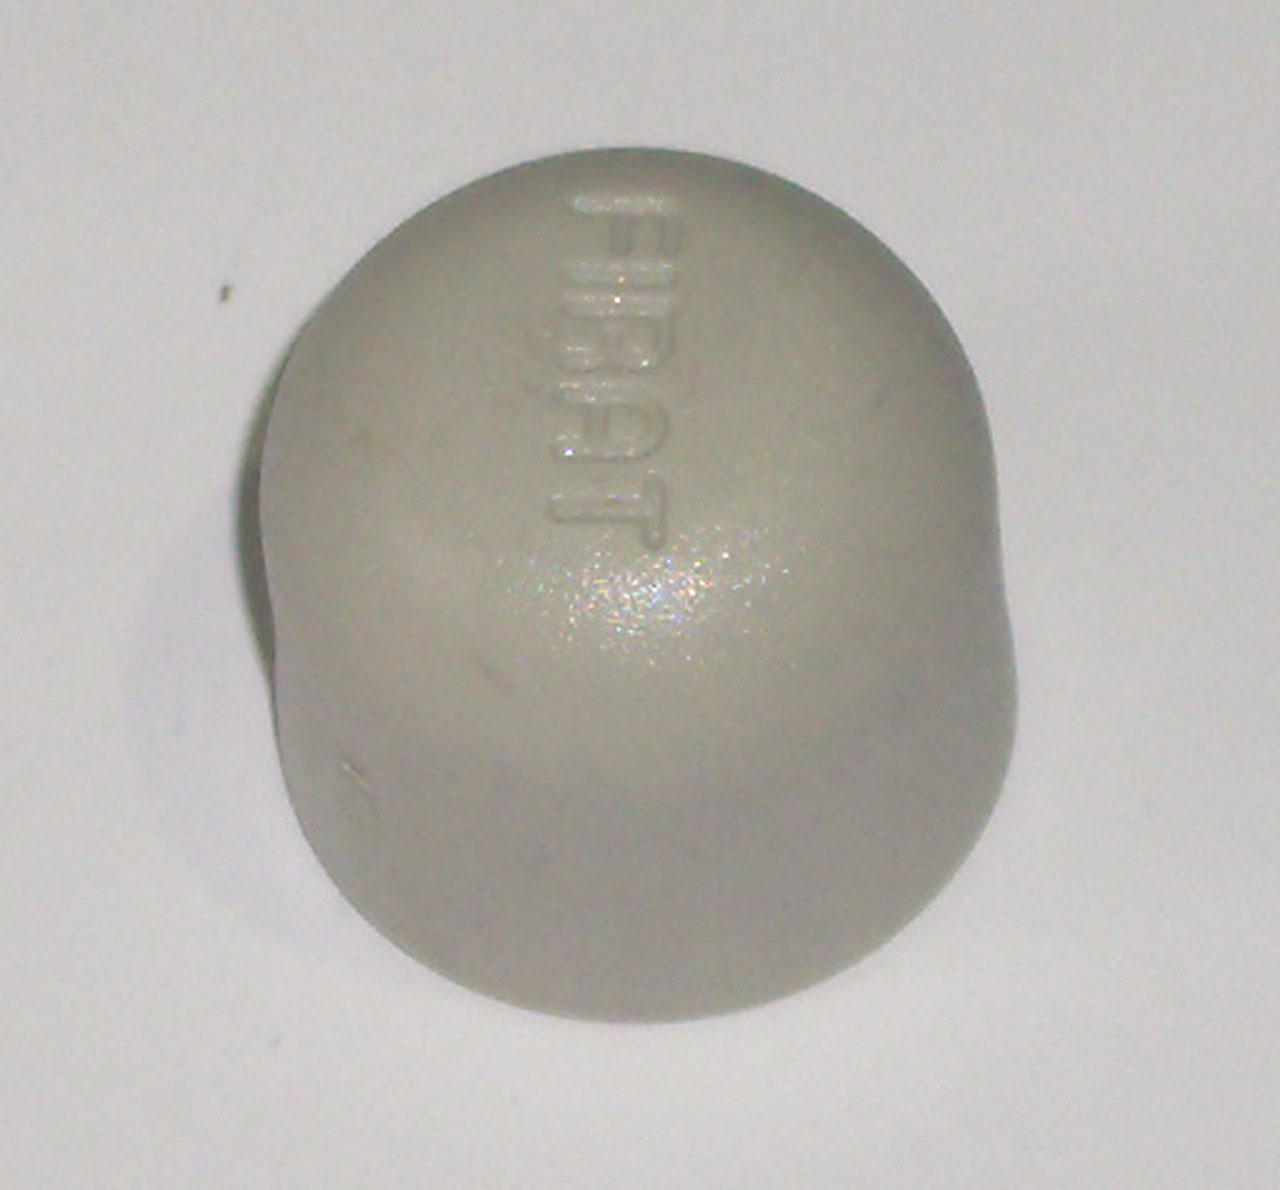 Заглушка, колпак, полипропиленовая, серая, FIRAT(Турция), арт. 7731000020  20мм.